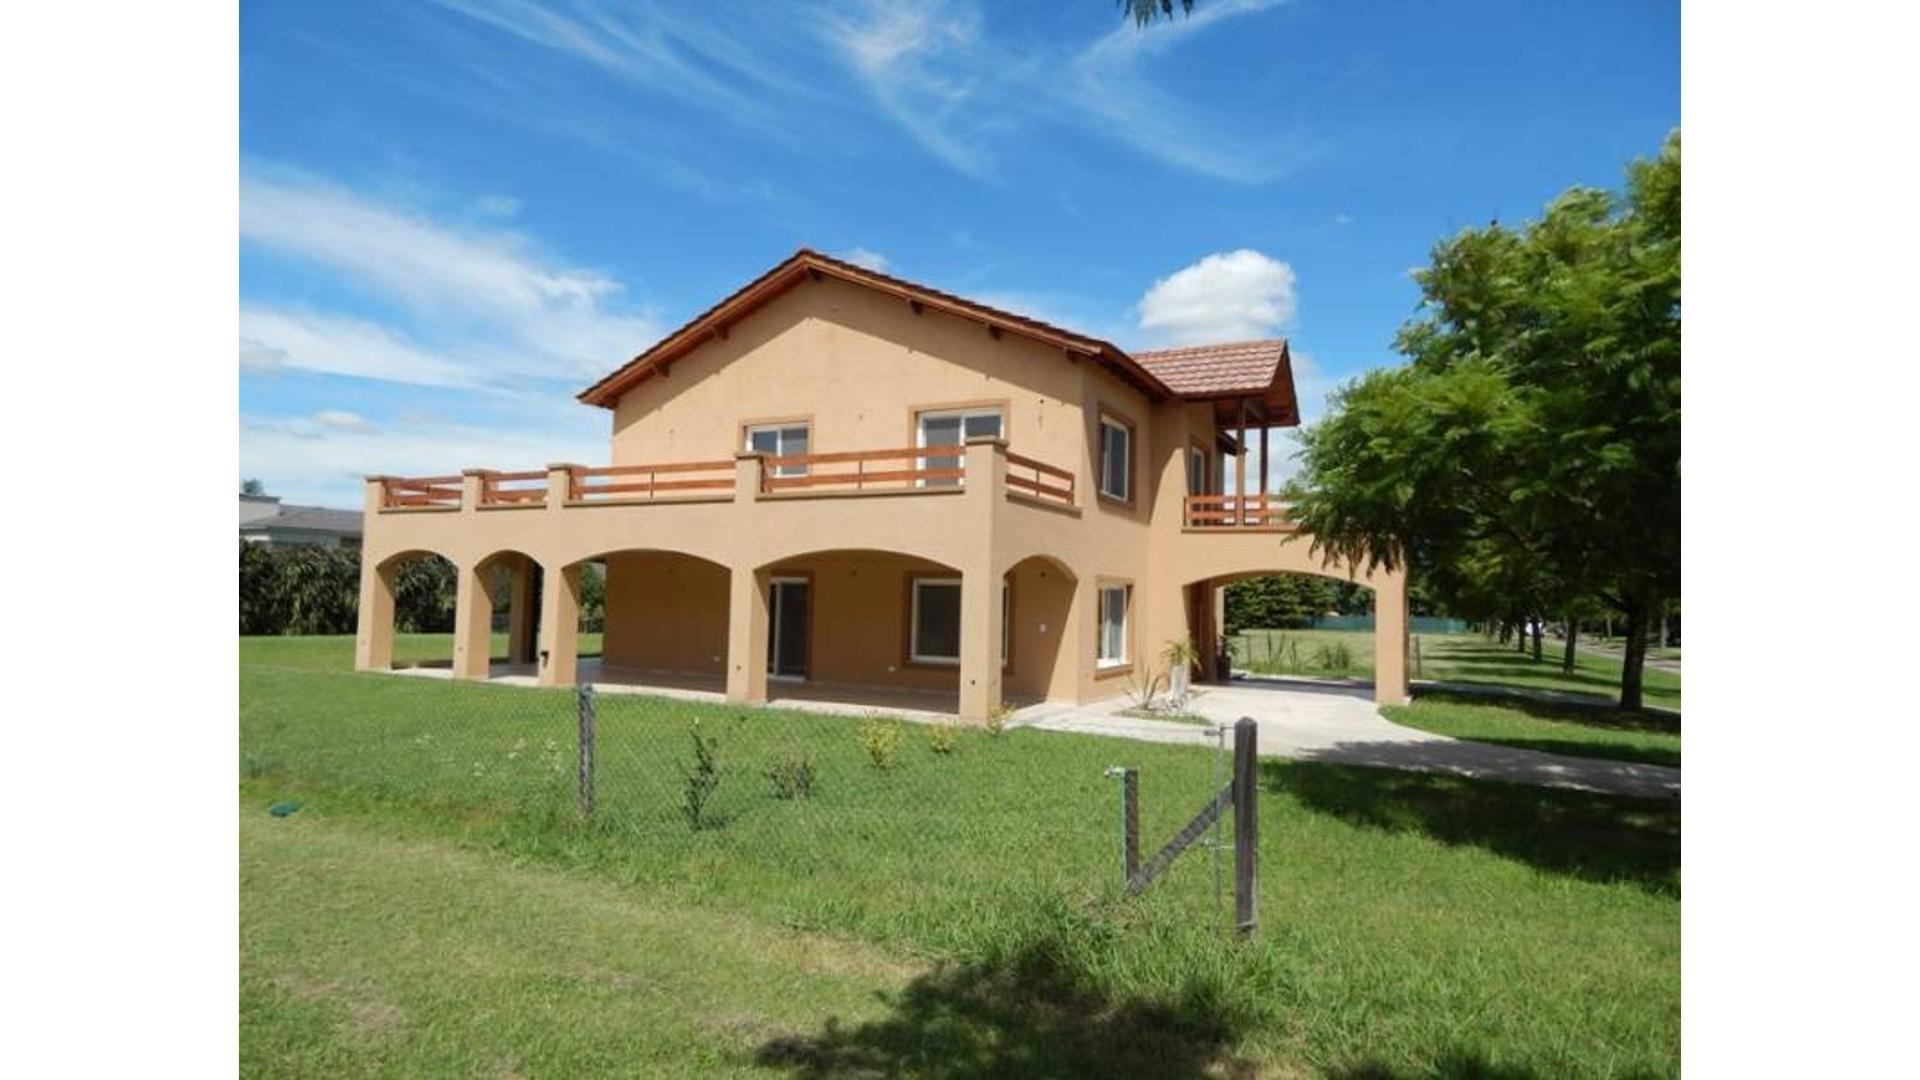 CASA EN BARRIO CERRADO KENTUCKY CLUB DE CAMPO A ESTRENAR EXCELENTE UBICACION AMPLIO JARDIN